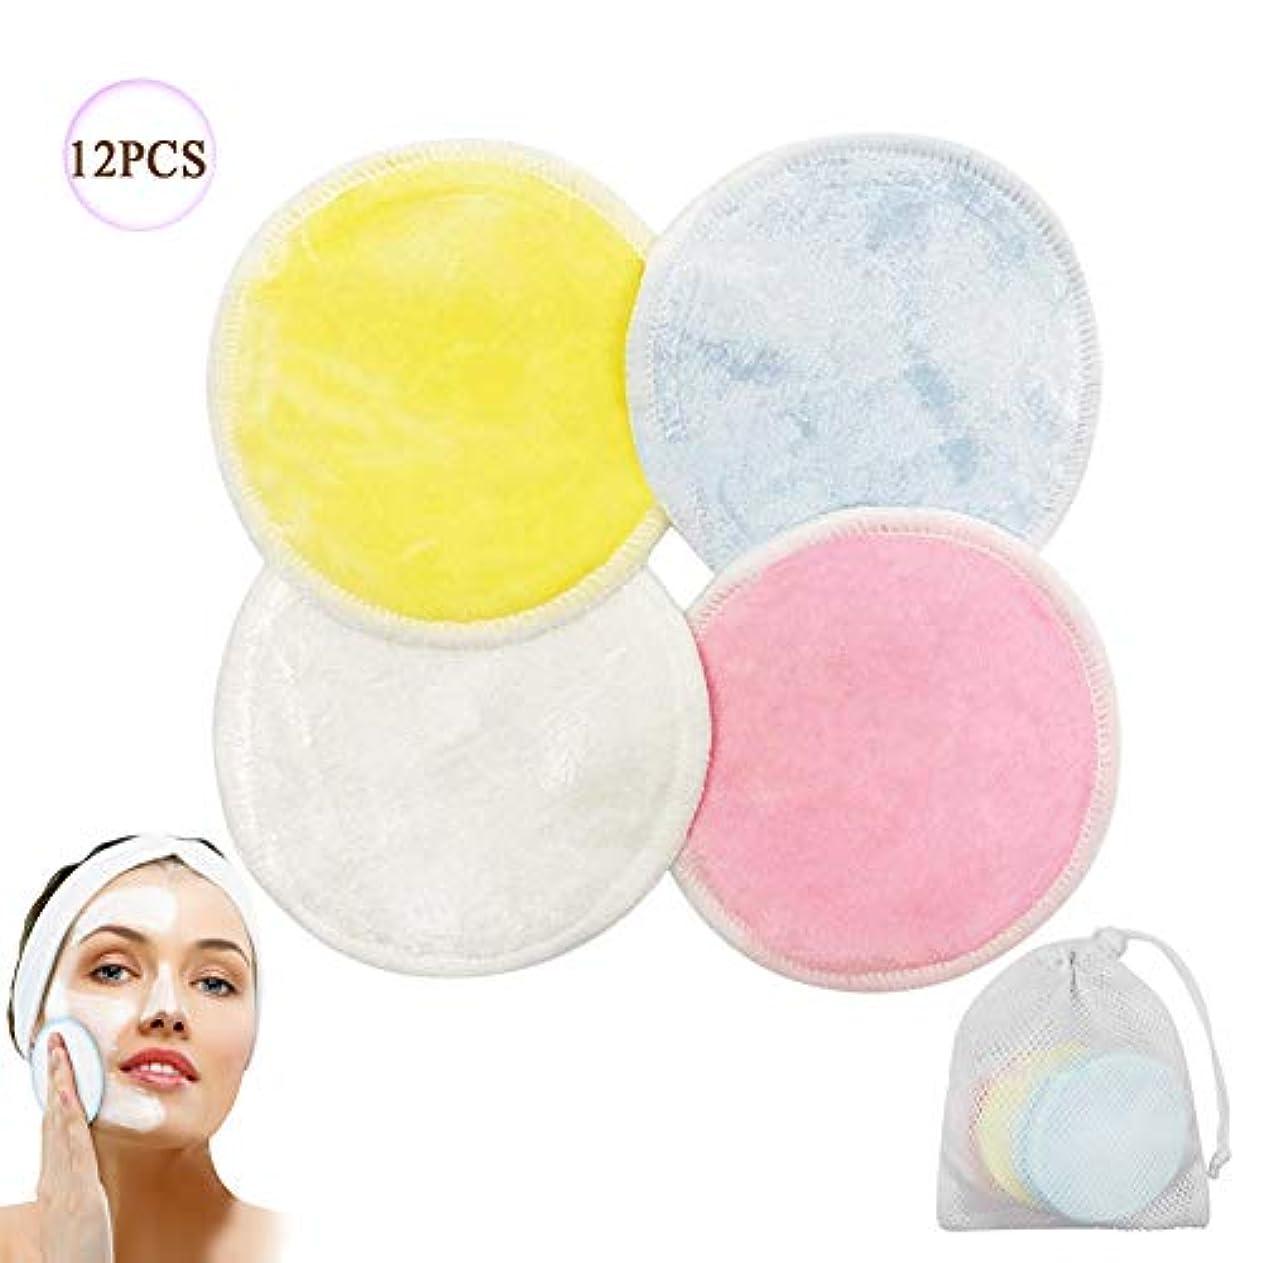 ずんぐりしたジム示すメイク落としパッド、再利用可能な竹綿パッド、洗えるワイプ、女性の顔/目/唇のための柔らかくて快適なランドリーバッグ,12PCS